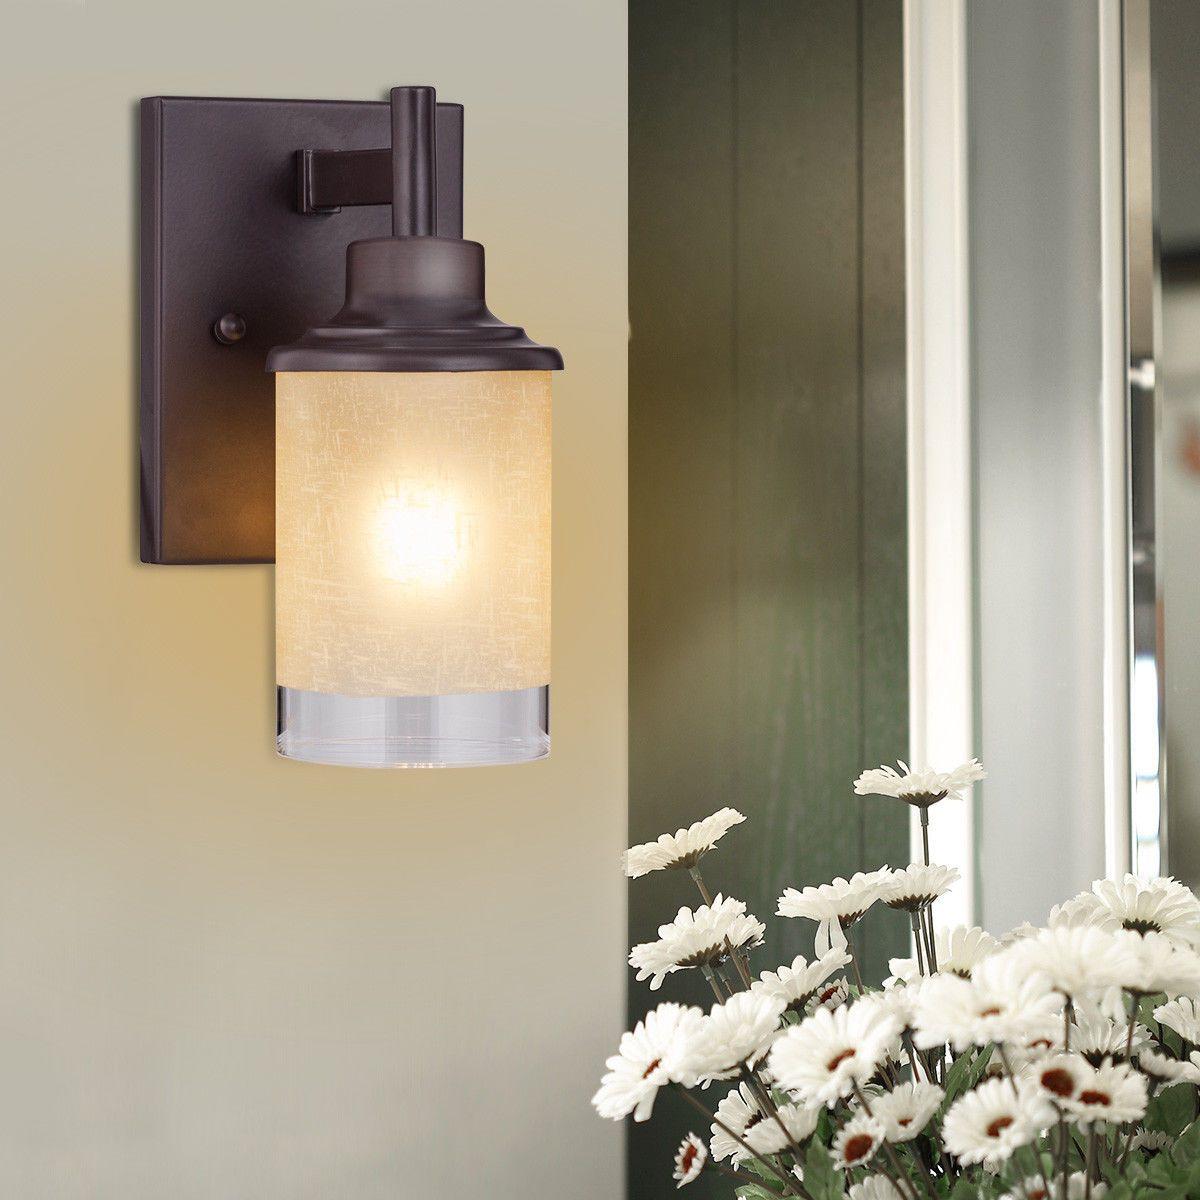 Wall mounted onelight antique bronze vanity light home u garden